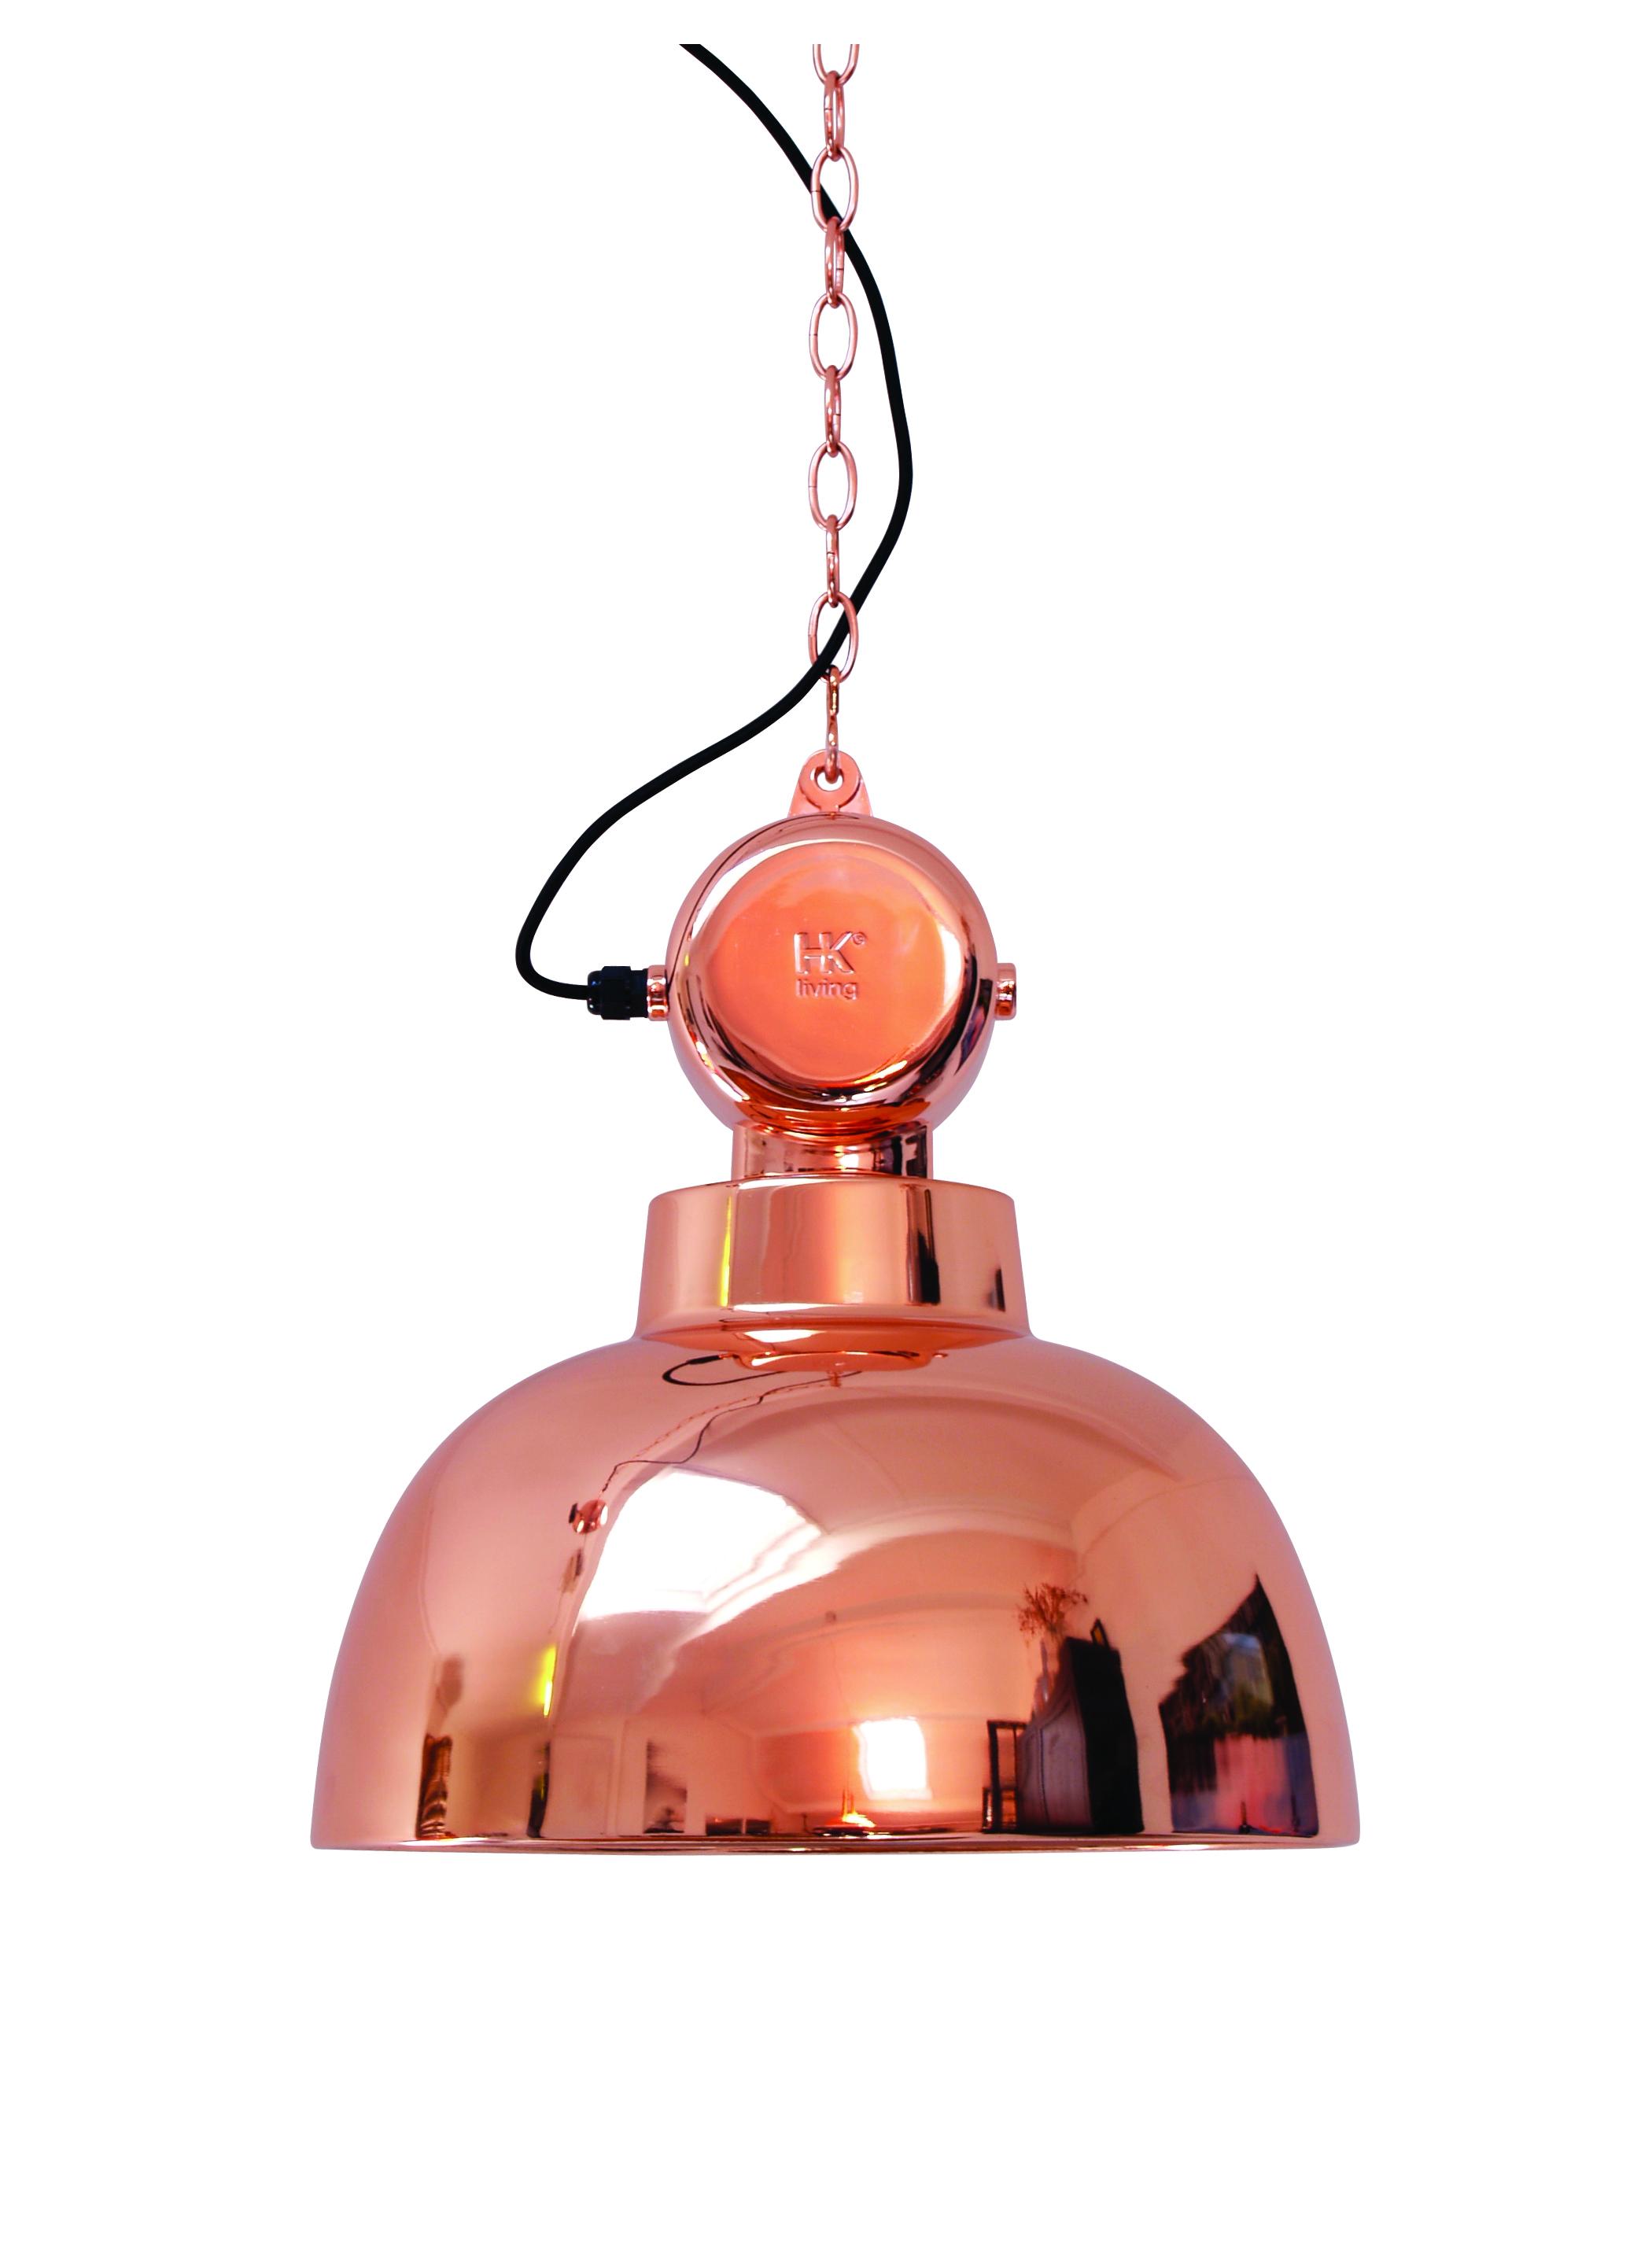 Лампа FACTORYПодвесные светильники<br>Индустриальный светильник в ярком исполнении. Медь, не выходящая измоды. Черный шнур + металлическая цепь длиной 2 м.&amp;lt;div&amp;gt;&amp;lt;br&amp;gt;&amp;lt;/div&amp;gt;&amp;lt;div&amp;gt;Вид цоколя: Е27&amp;lt;/div&amp;gt;&amp;lt;div&amp;gt;Мощность: 60W&amp;lt;/div&amp;gt;&amp;lt;div&amp;gt;Количество ламп: 1&amp;lt;/div&amp;gt;<br><br>Material: Металл<br>Height см: 45<br>Diameter см: 40